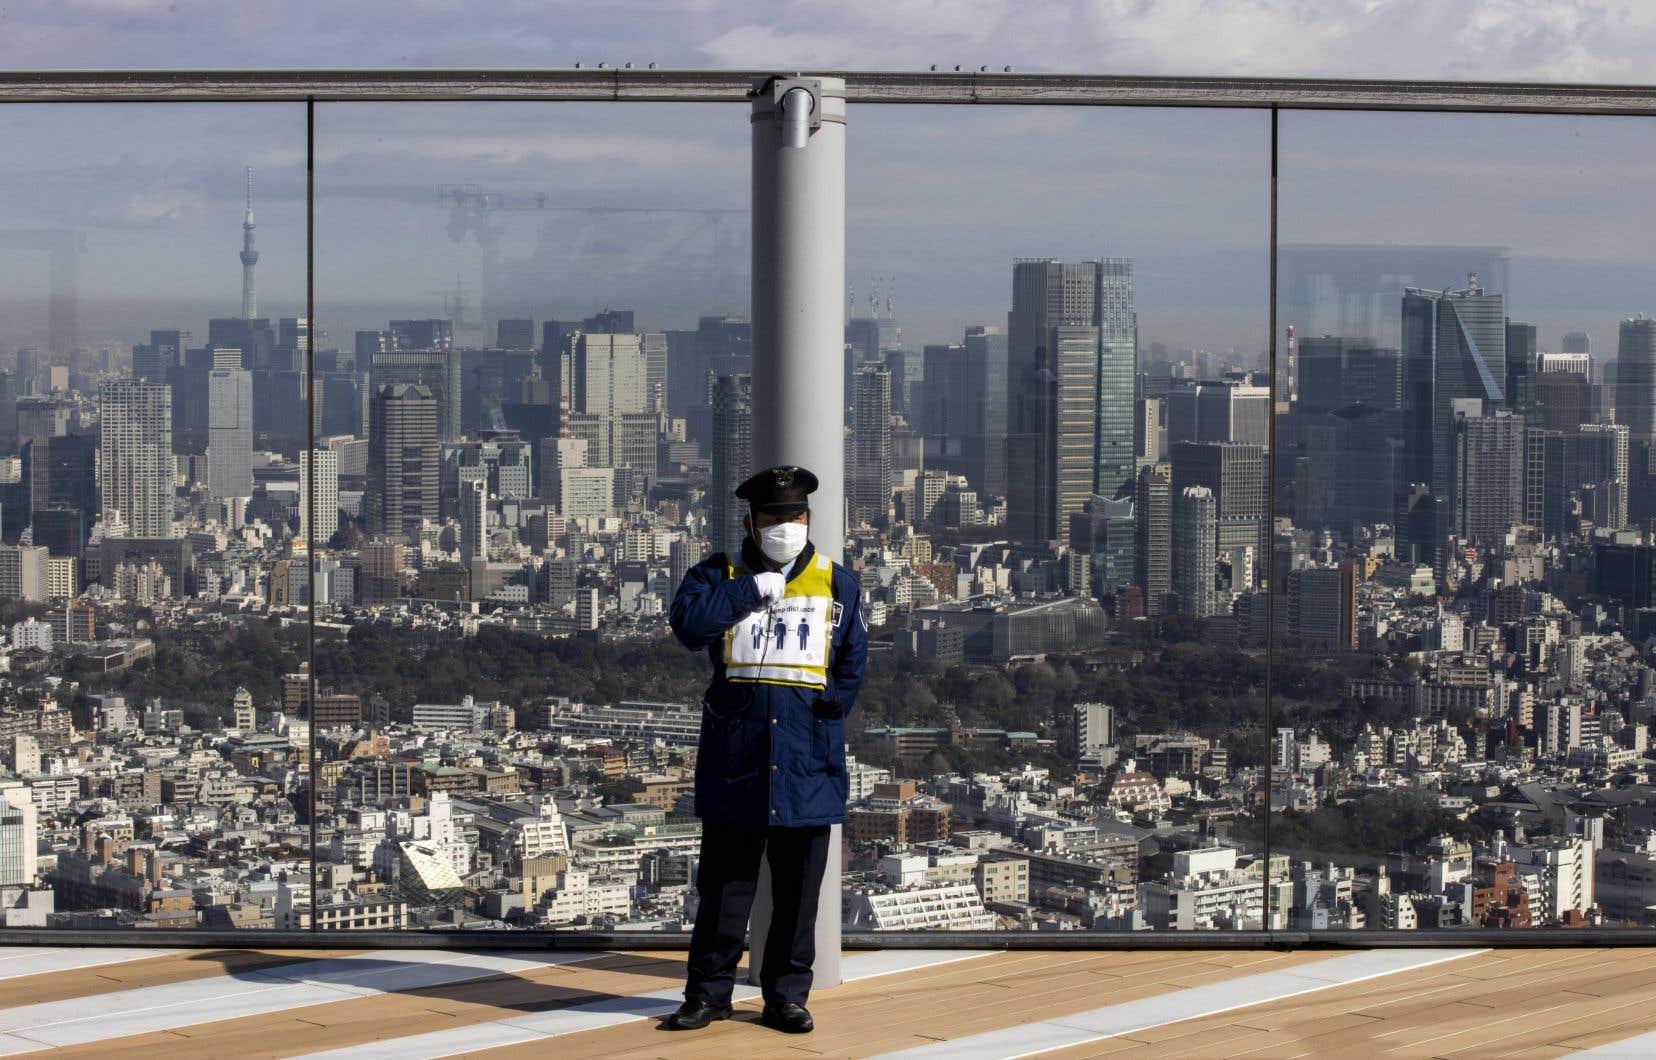 <p>Le gouvernement japonais aurait conclu qu'il n'était «pas possible» de permettre à des supporteurs vivant hors du Japon d'assister aux JO, en raison de la pandémie.</p>